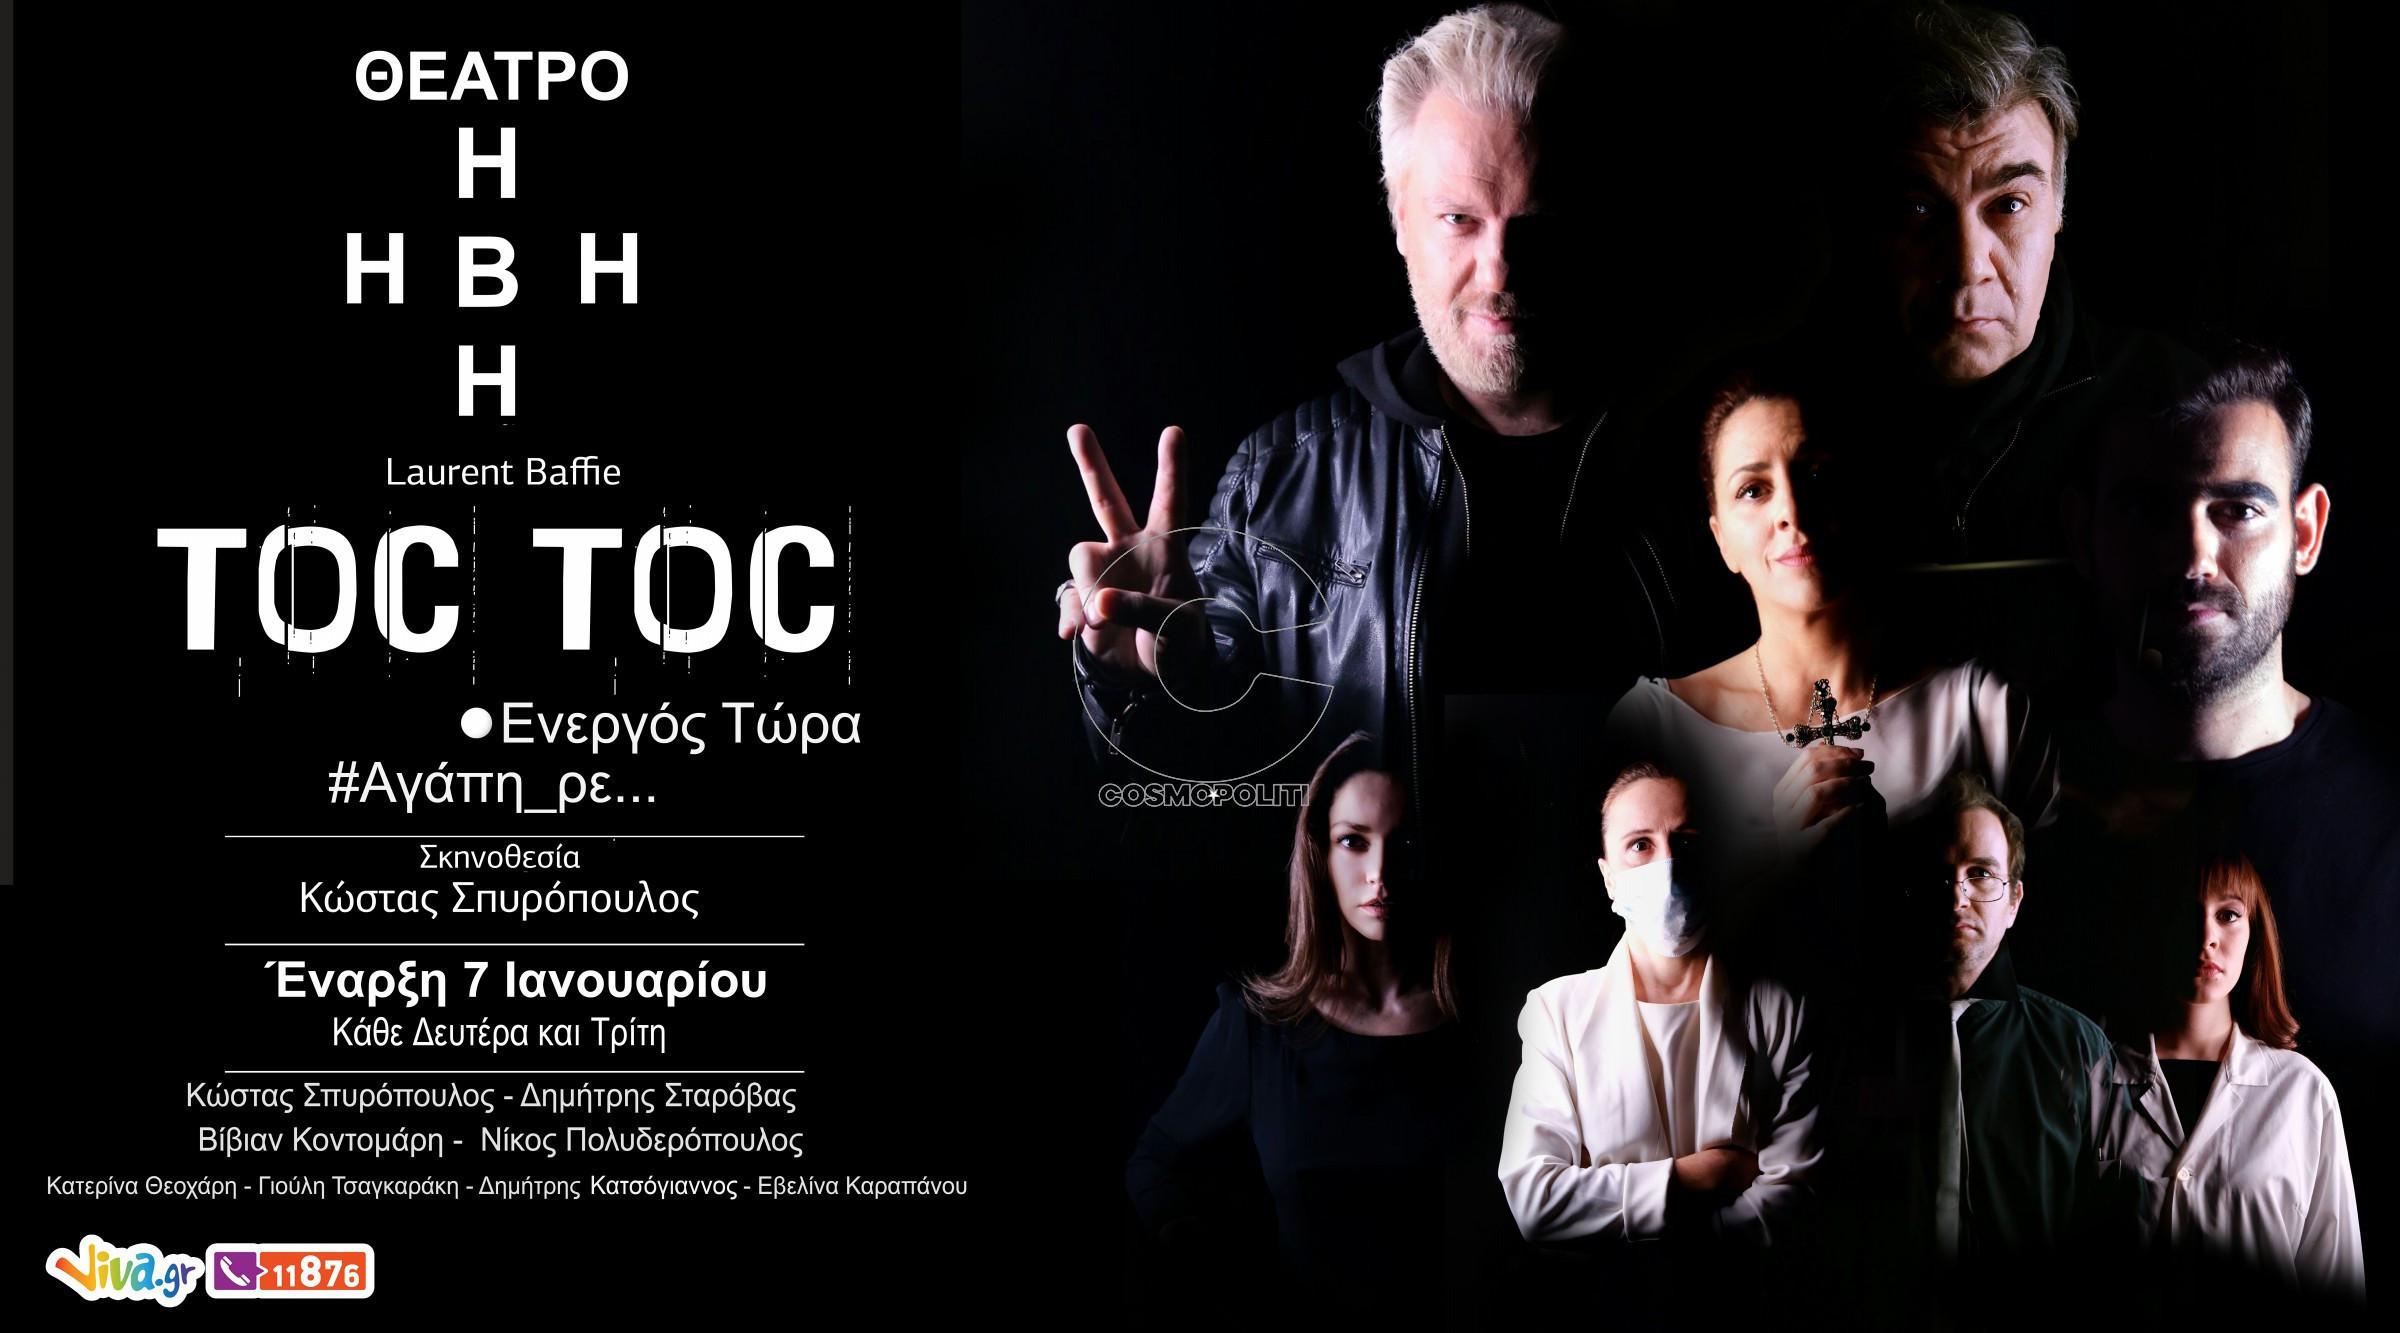 TOC-TOC-ΘΕΑΤΡΟ-ΗΒΗ-1-1